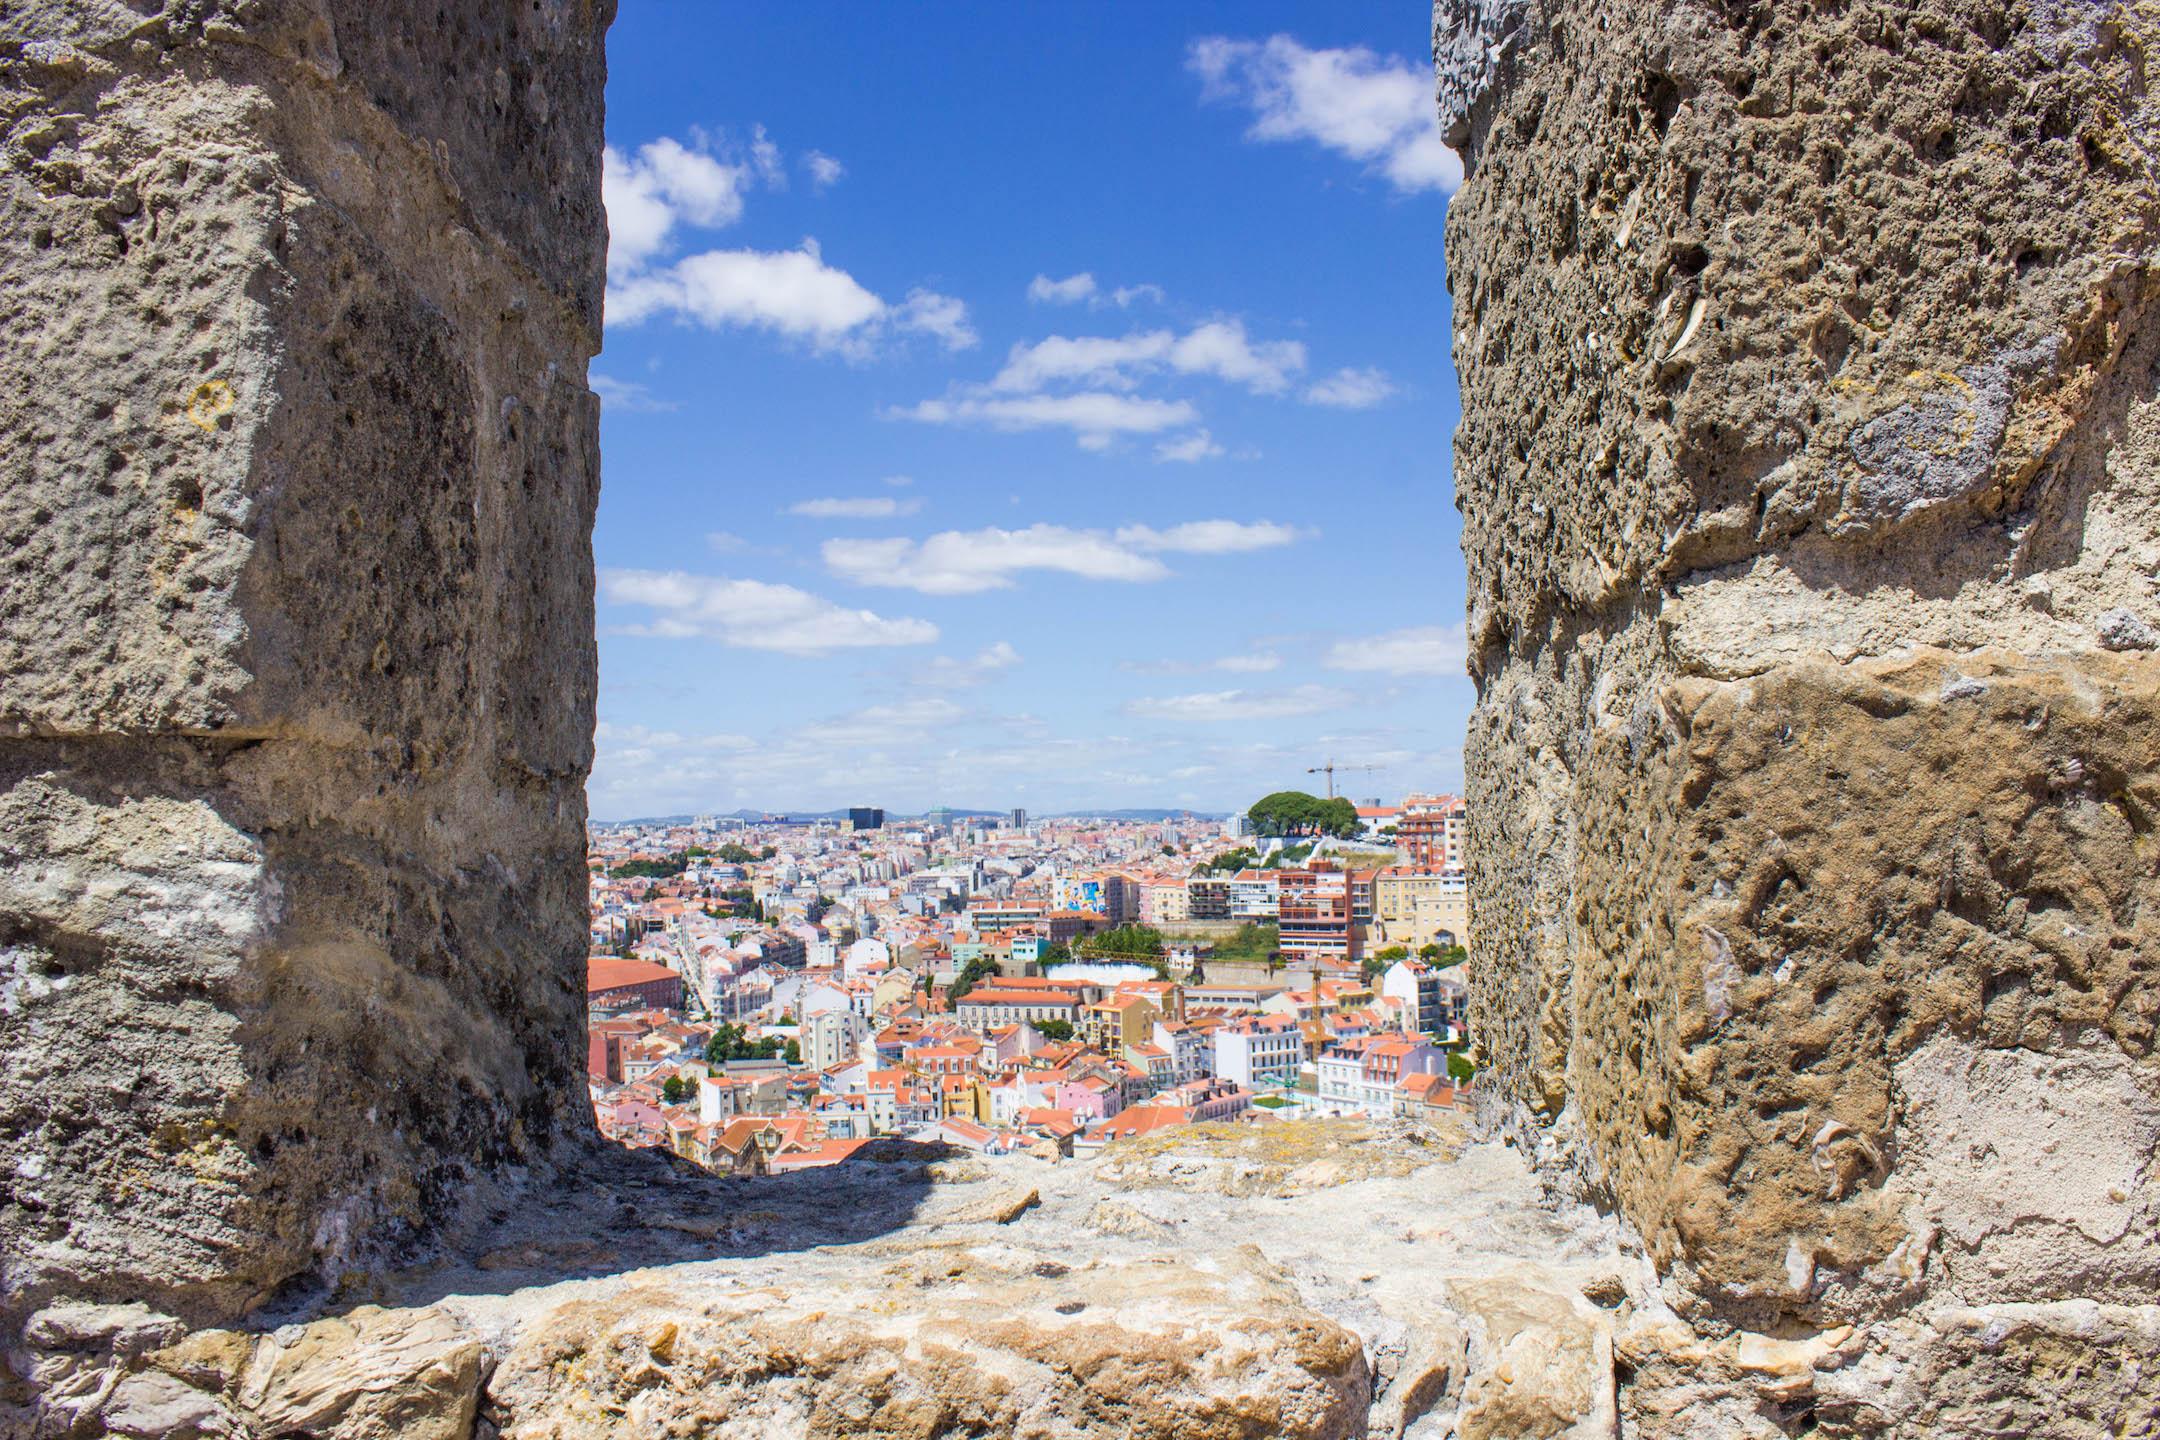 View from Castelo de Sao Jorge